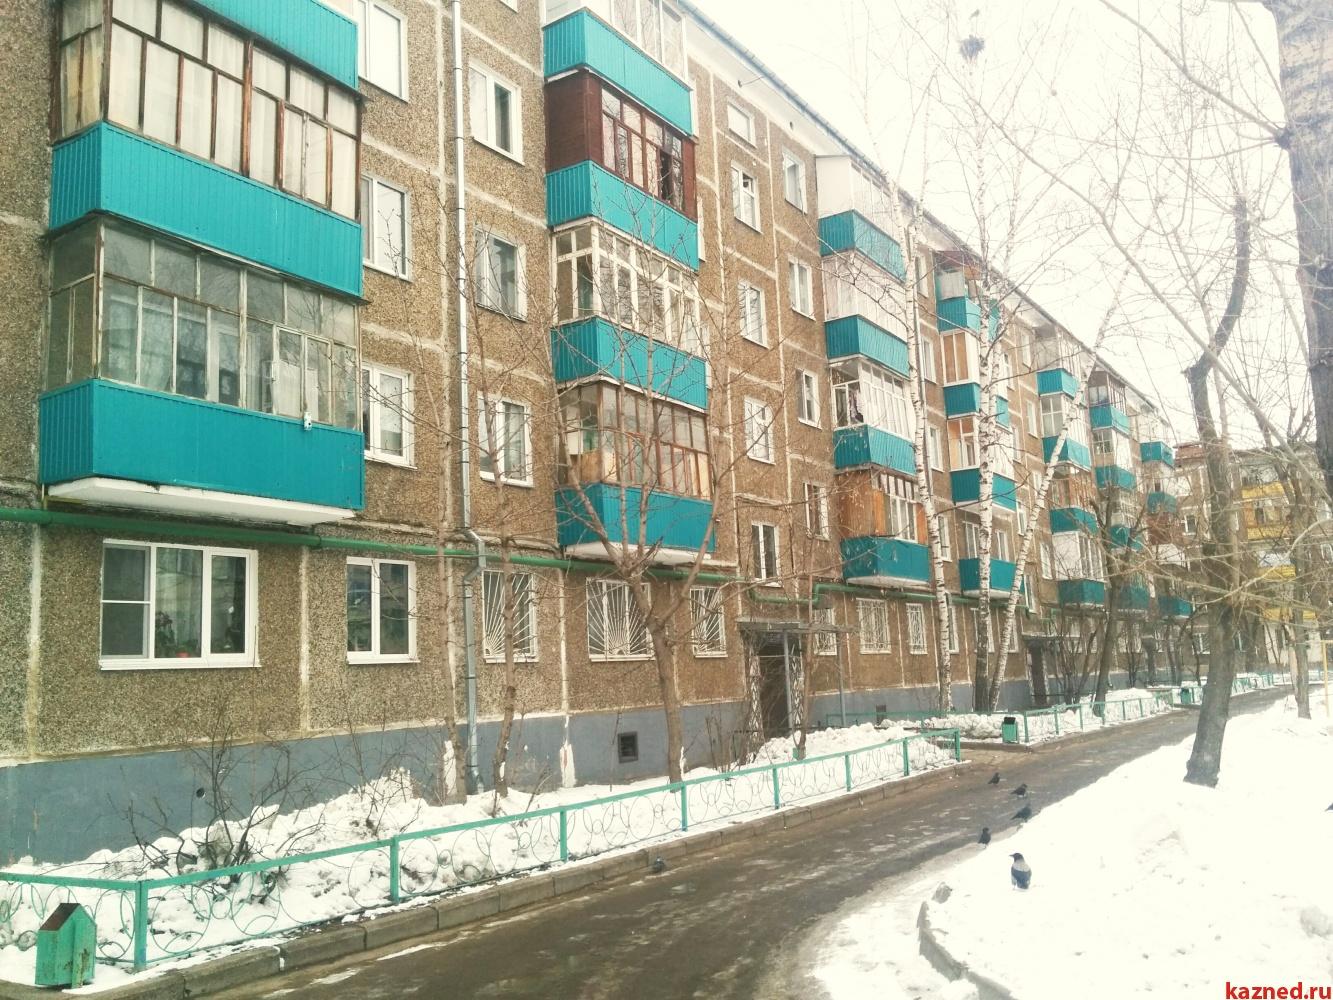 Продажа 2-к квартиры Короленко,  45, 43 м2  (миниатюра №2)